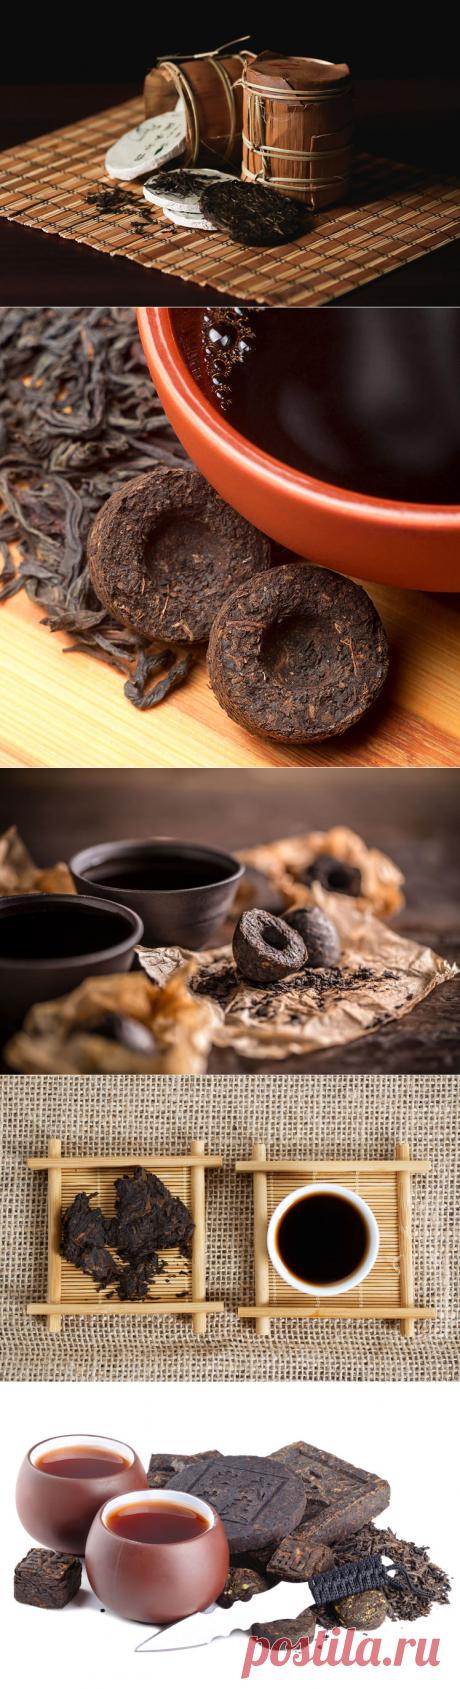 Пуэр – самый дорогой чай в мире